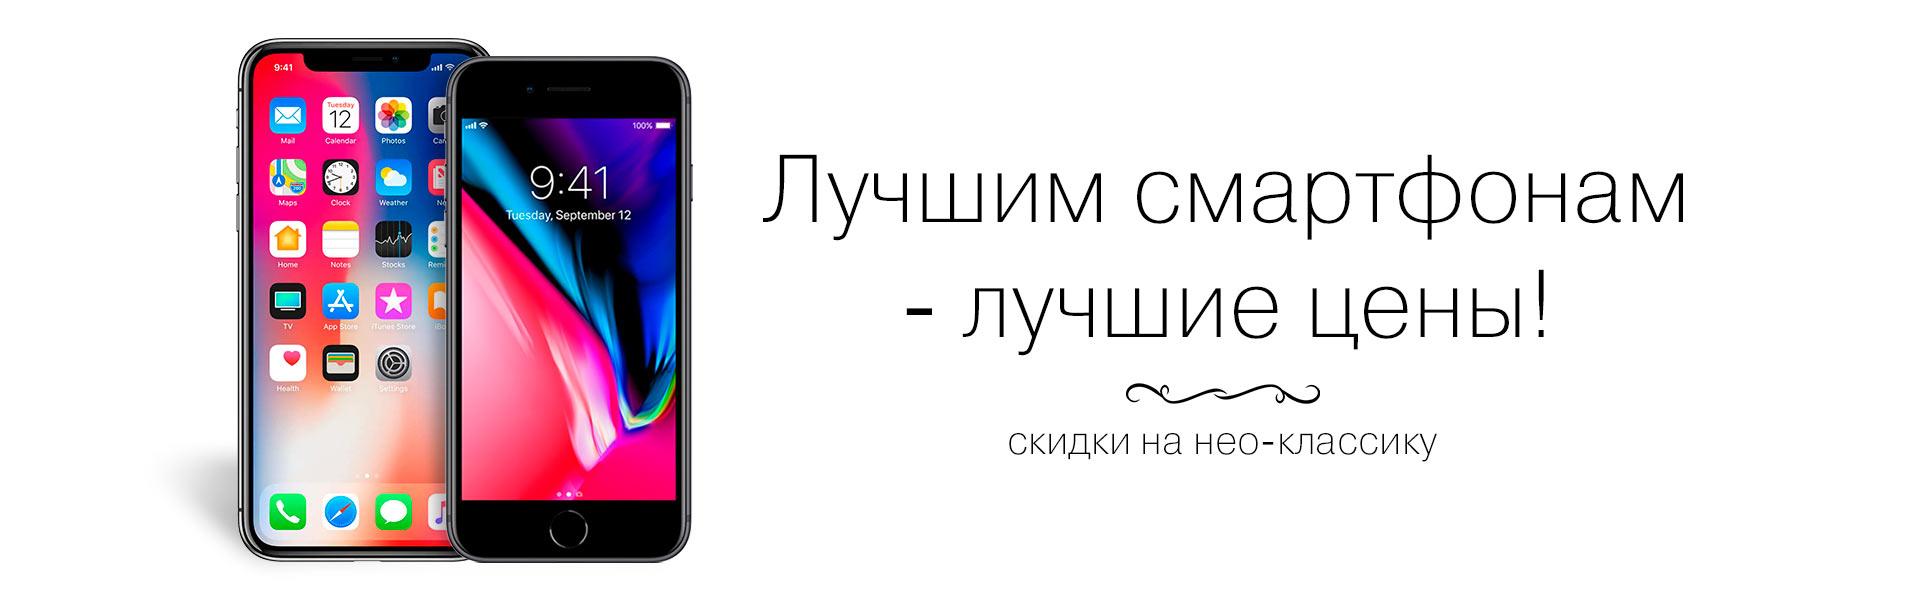 Интернет магазин электроники Digital812. Лучшие цены в Петербурге и ... ceef21425b7